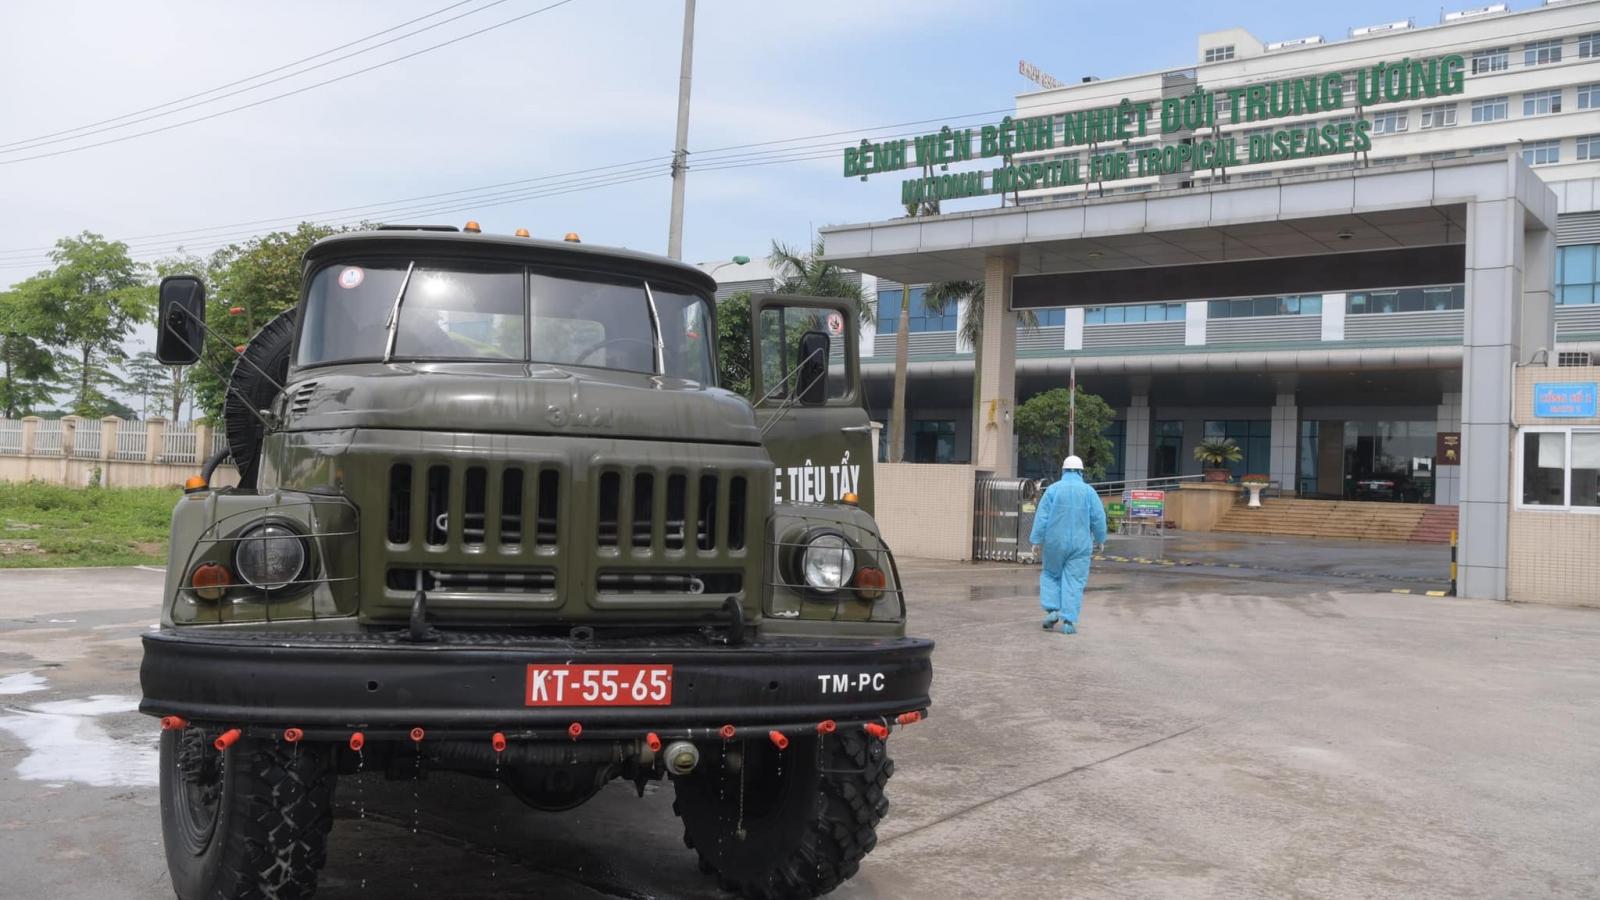 89 học sinh tỉnh Hải Dương nghỉ học do có 2 học sinh đến BV nhiệt đới Trung ương cơ sở 2